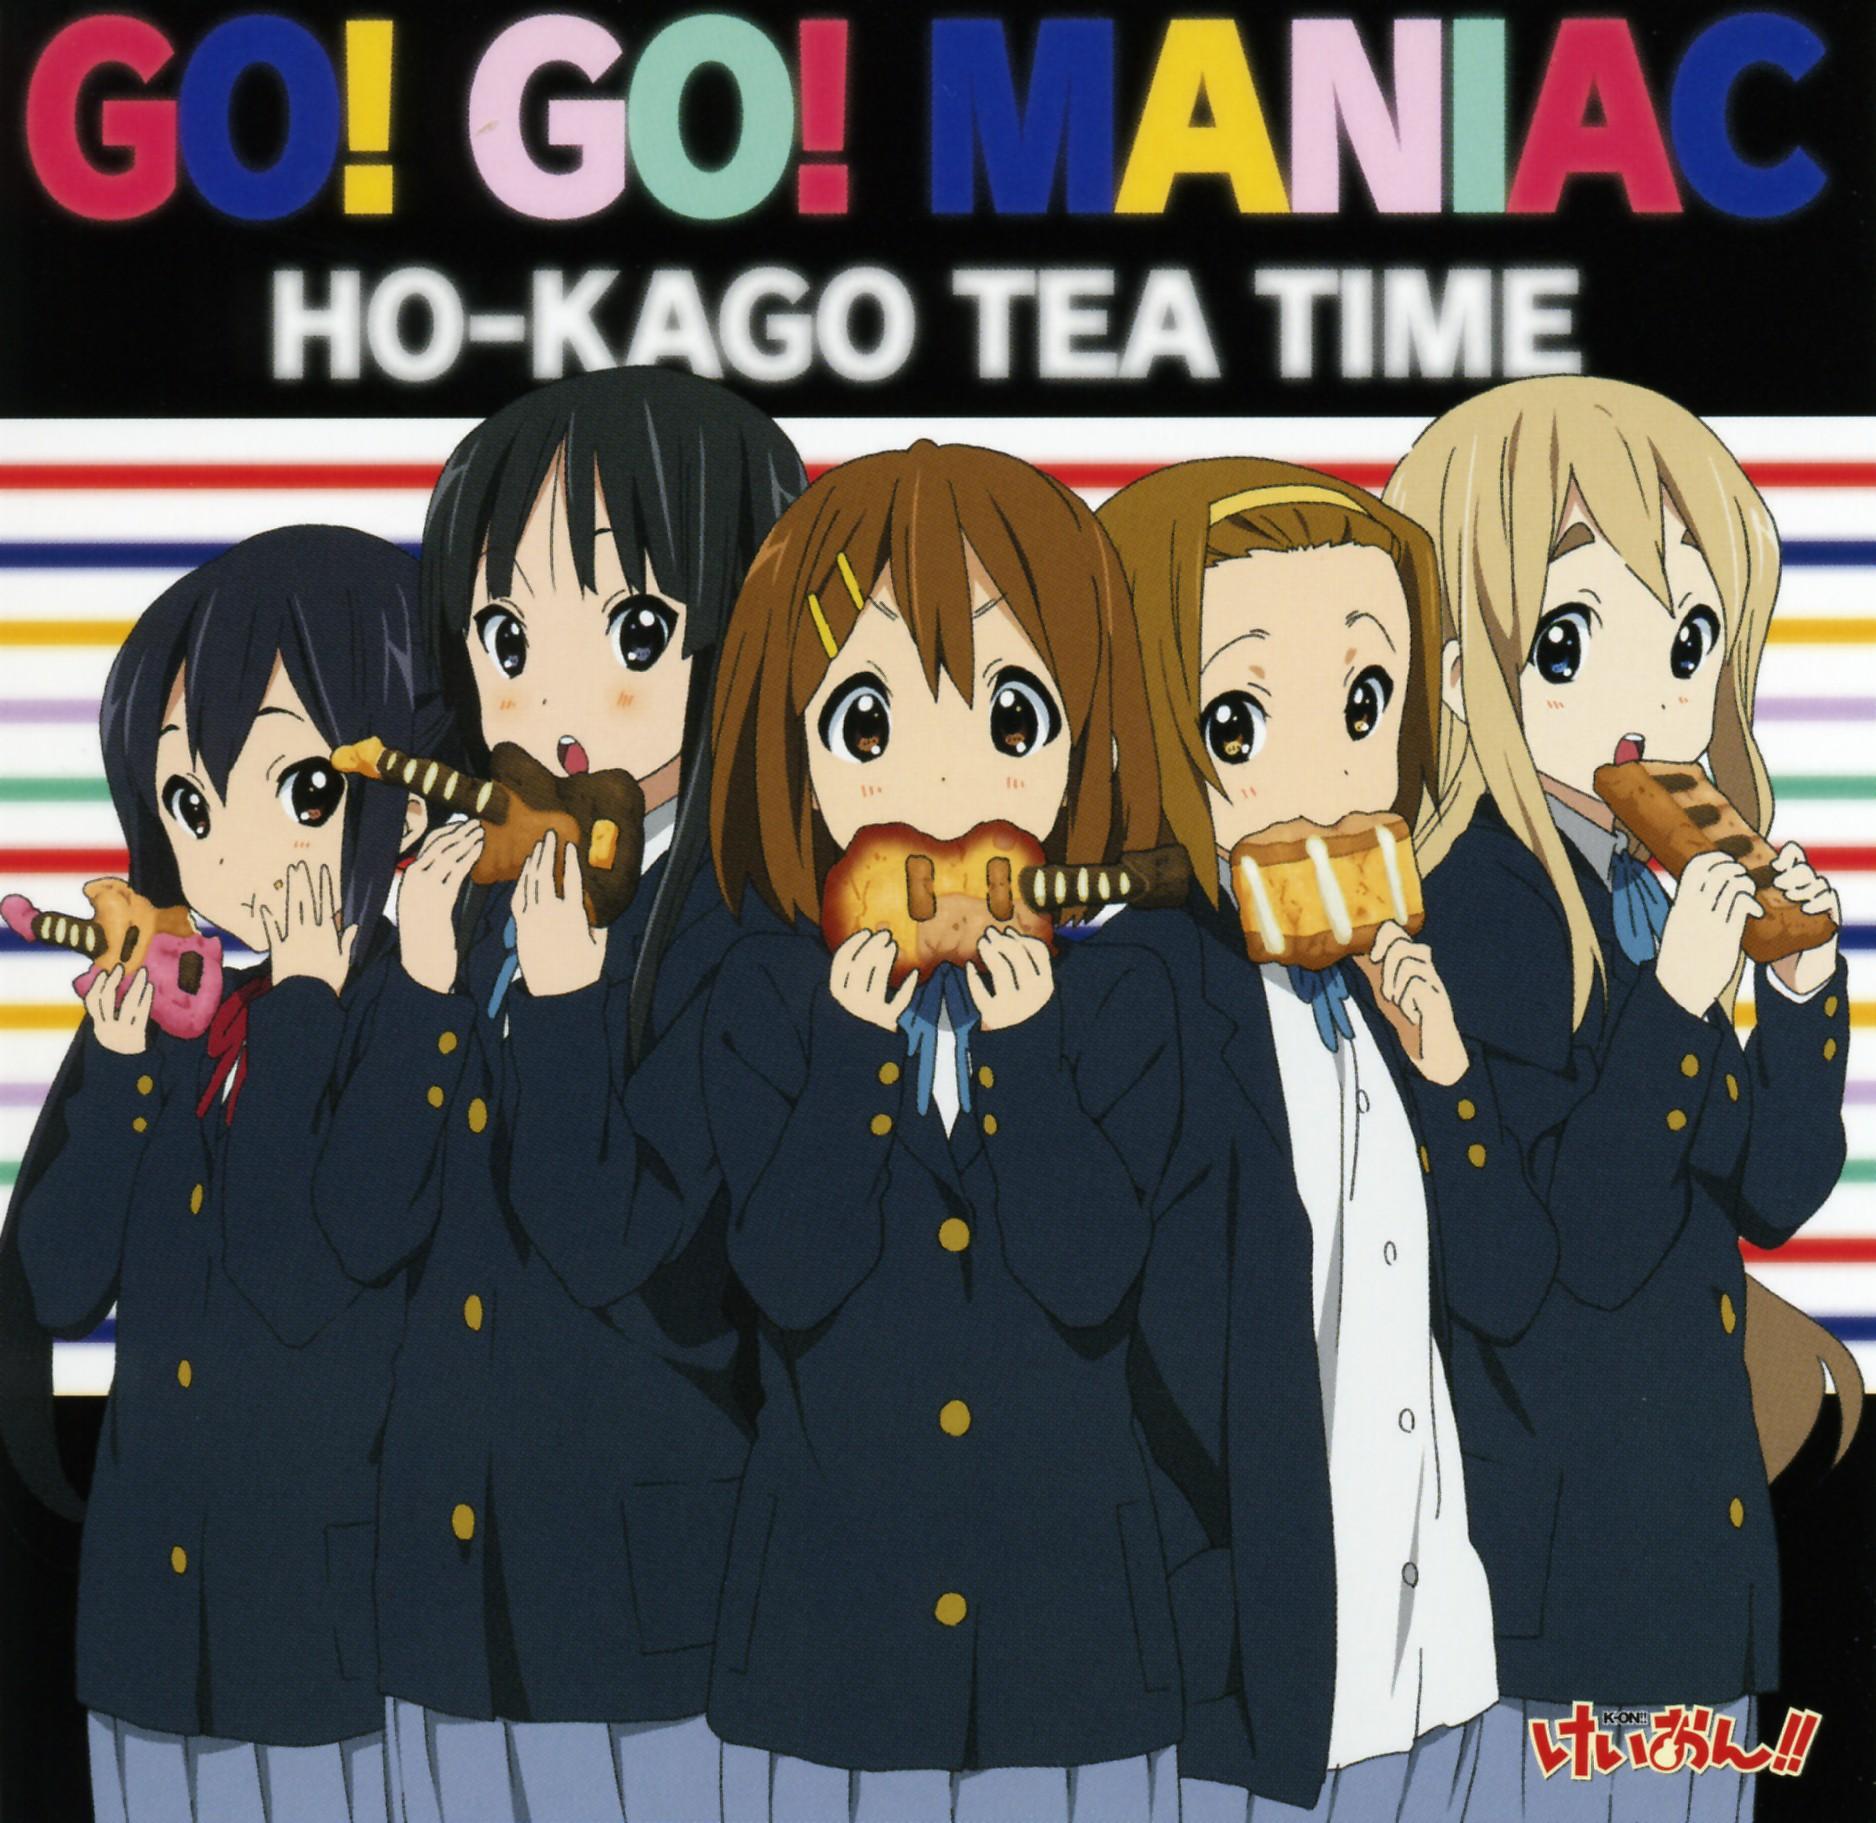 Go go maniac song